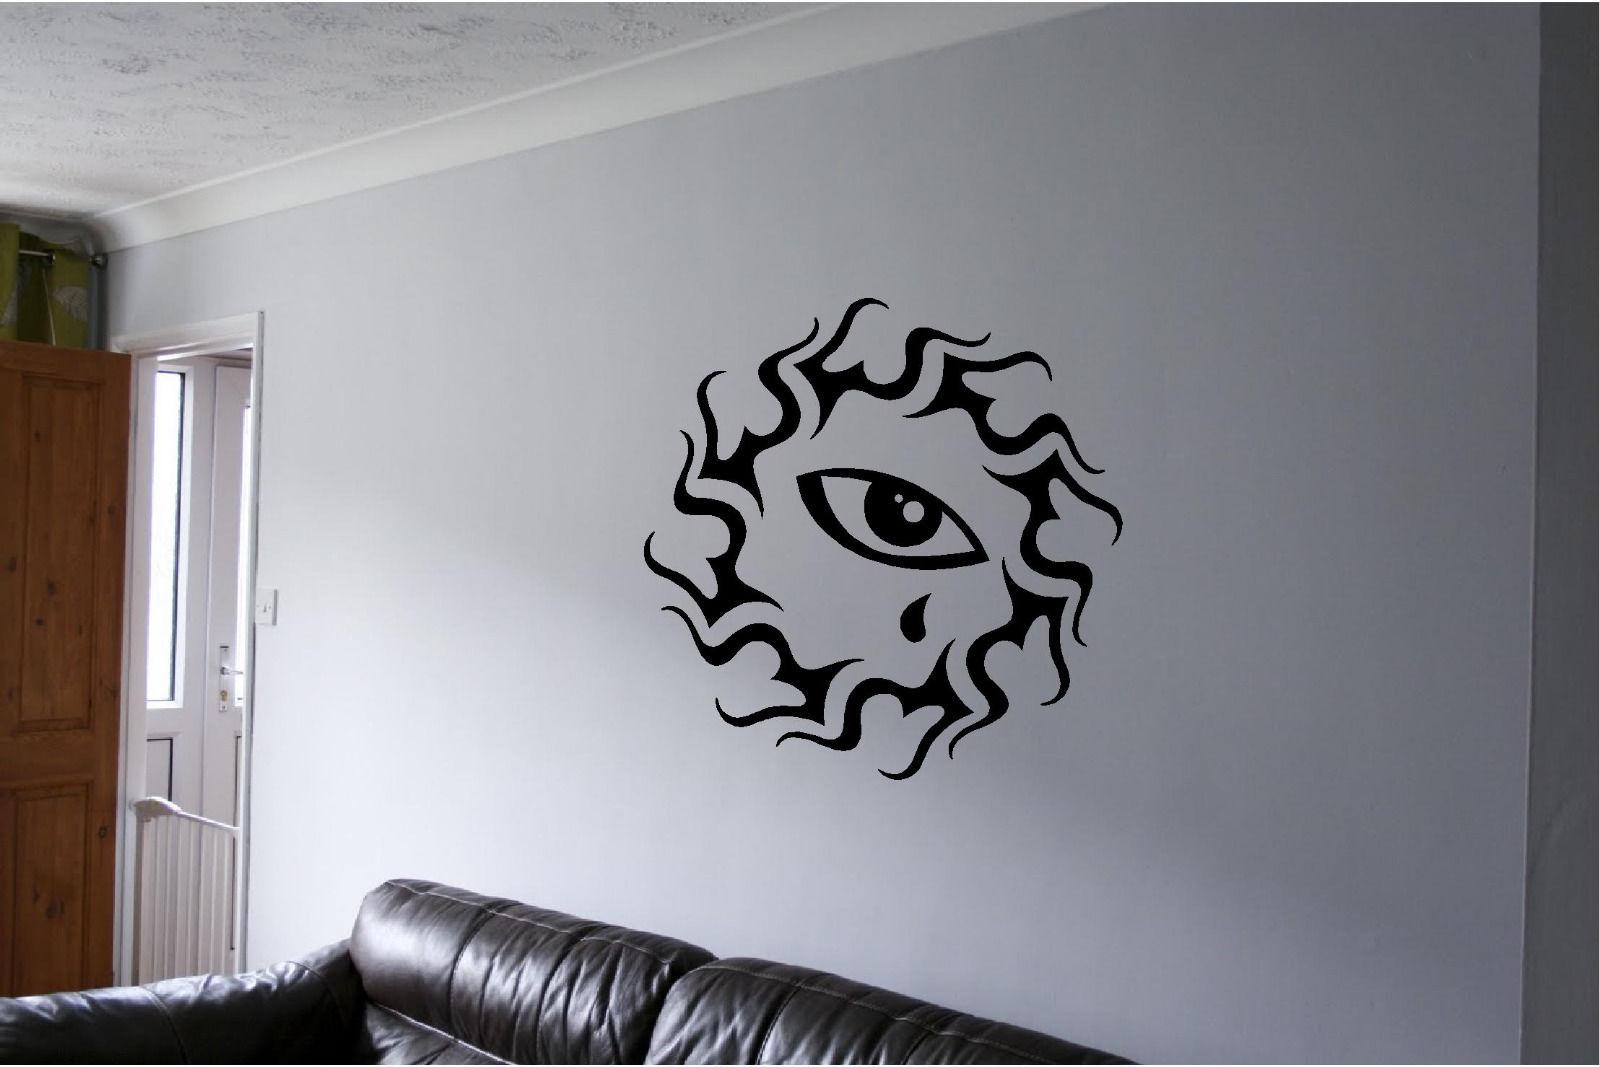 Tribal Art Wall Sticker Eye Wall Art Decor Vinyl Decal Mural